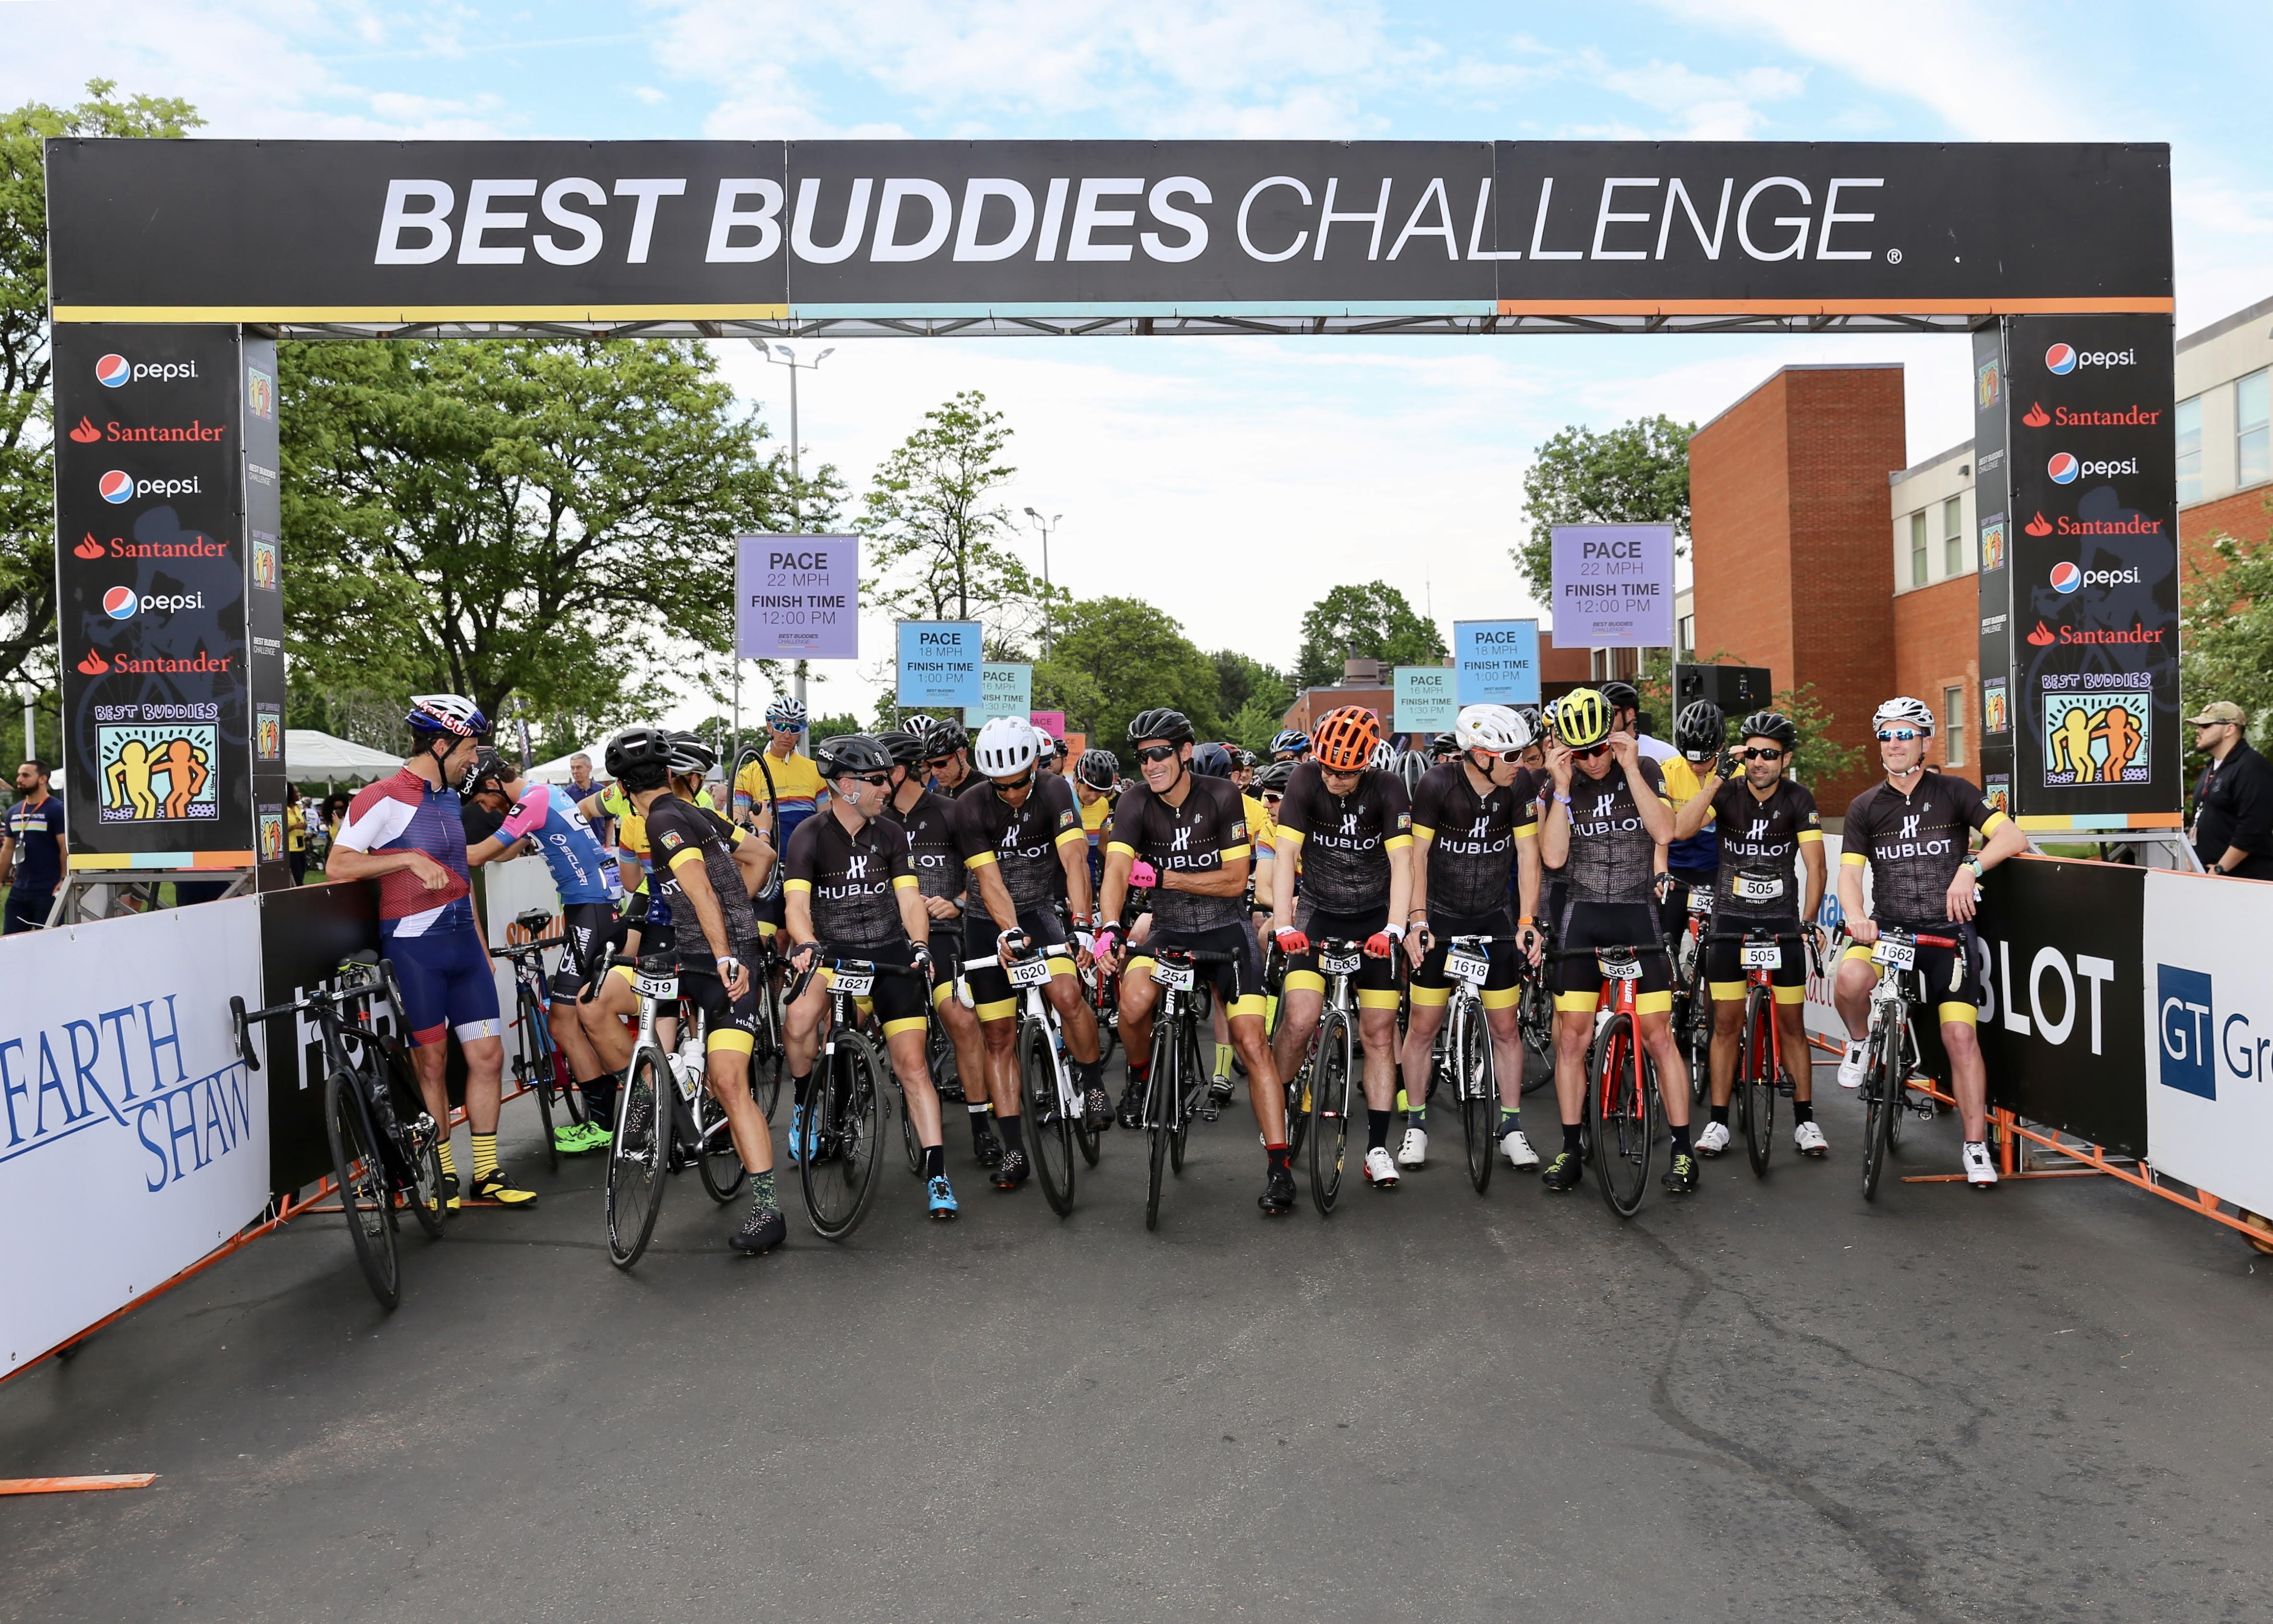 19th Annual Best Buddies Challenge: Hyannis Port Presented